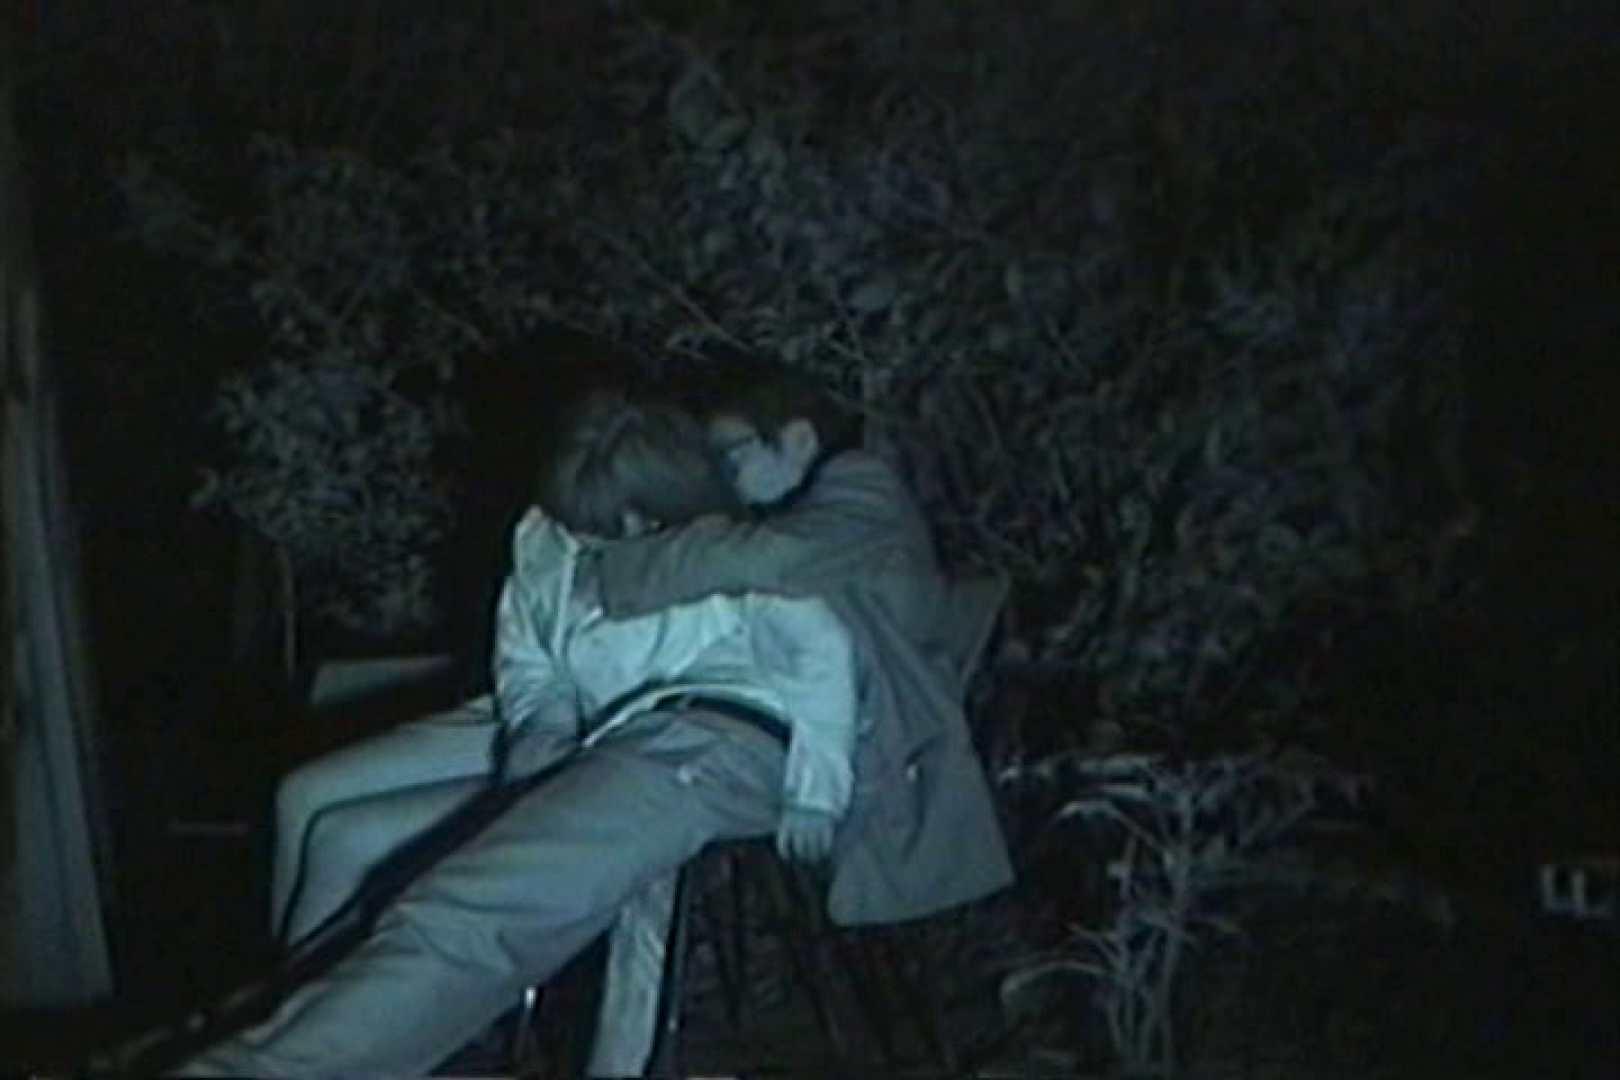 闇の仕掛け人 無修正版 Vol.23 プライベート 隠し撮りセックス画像 53pic 11